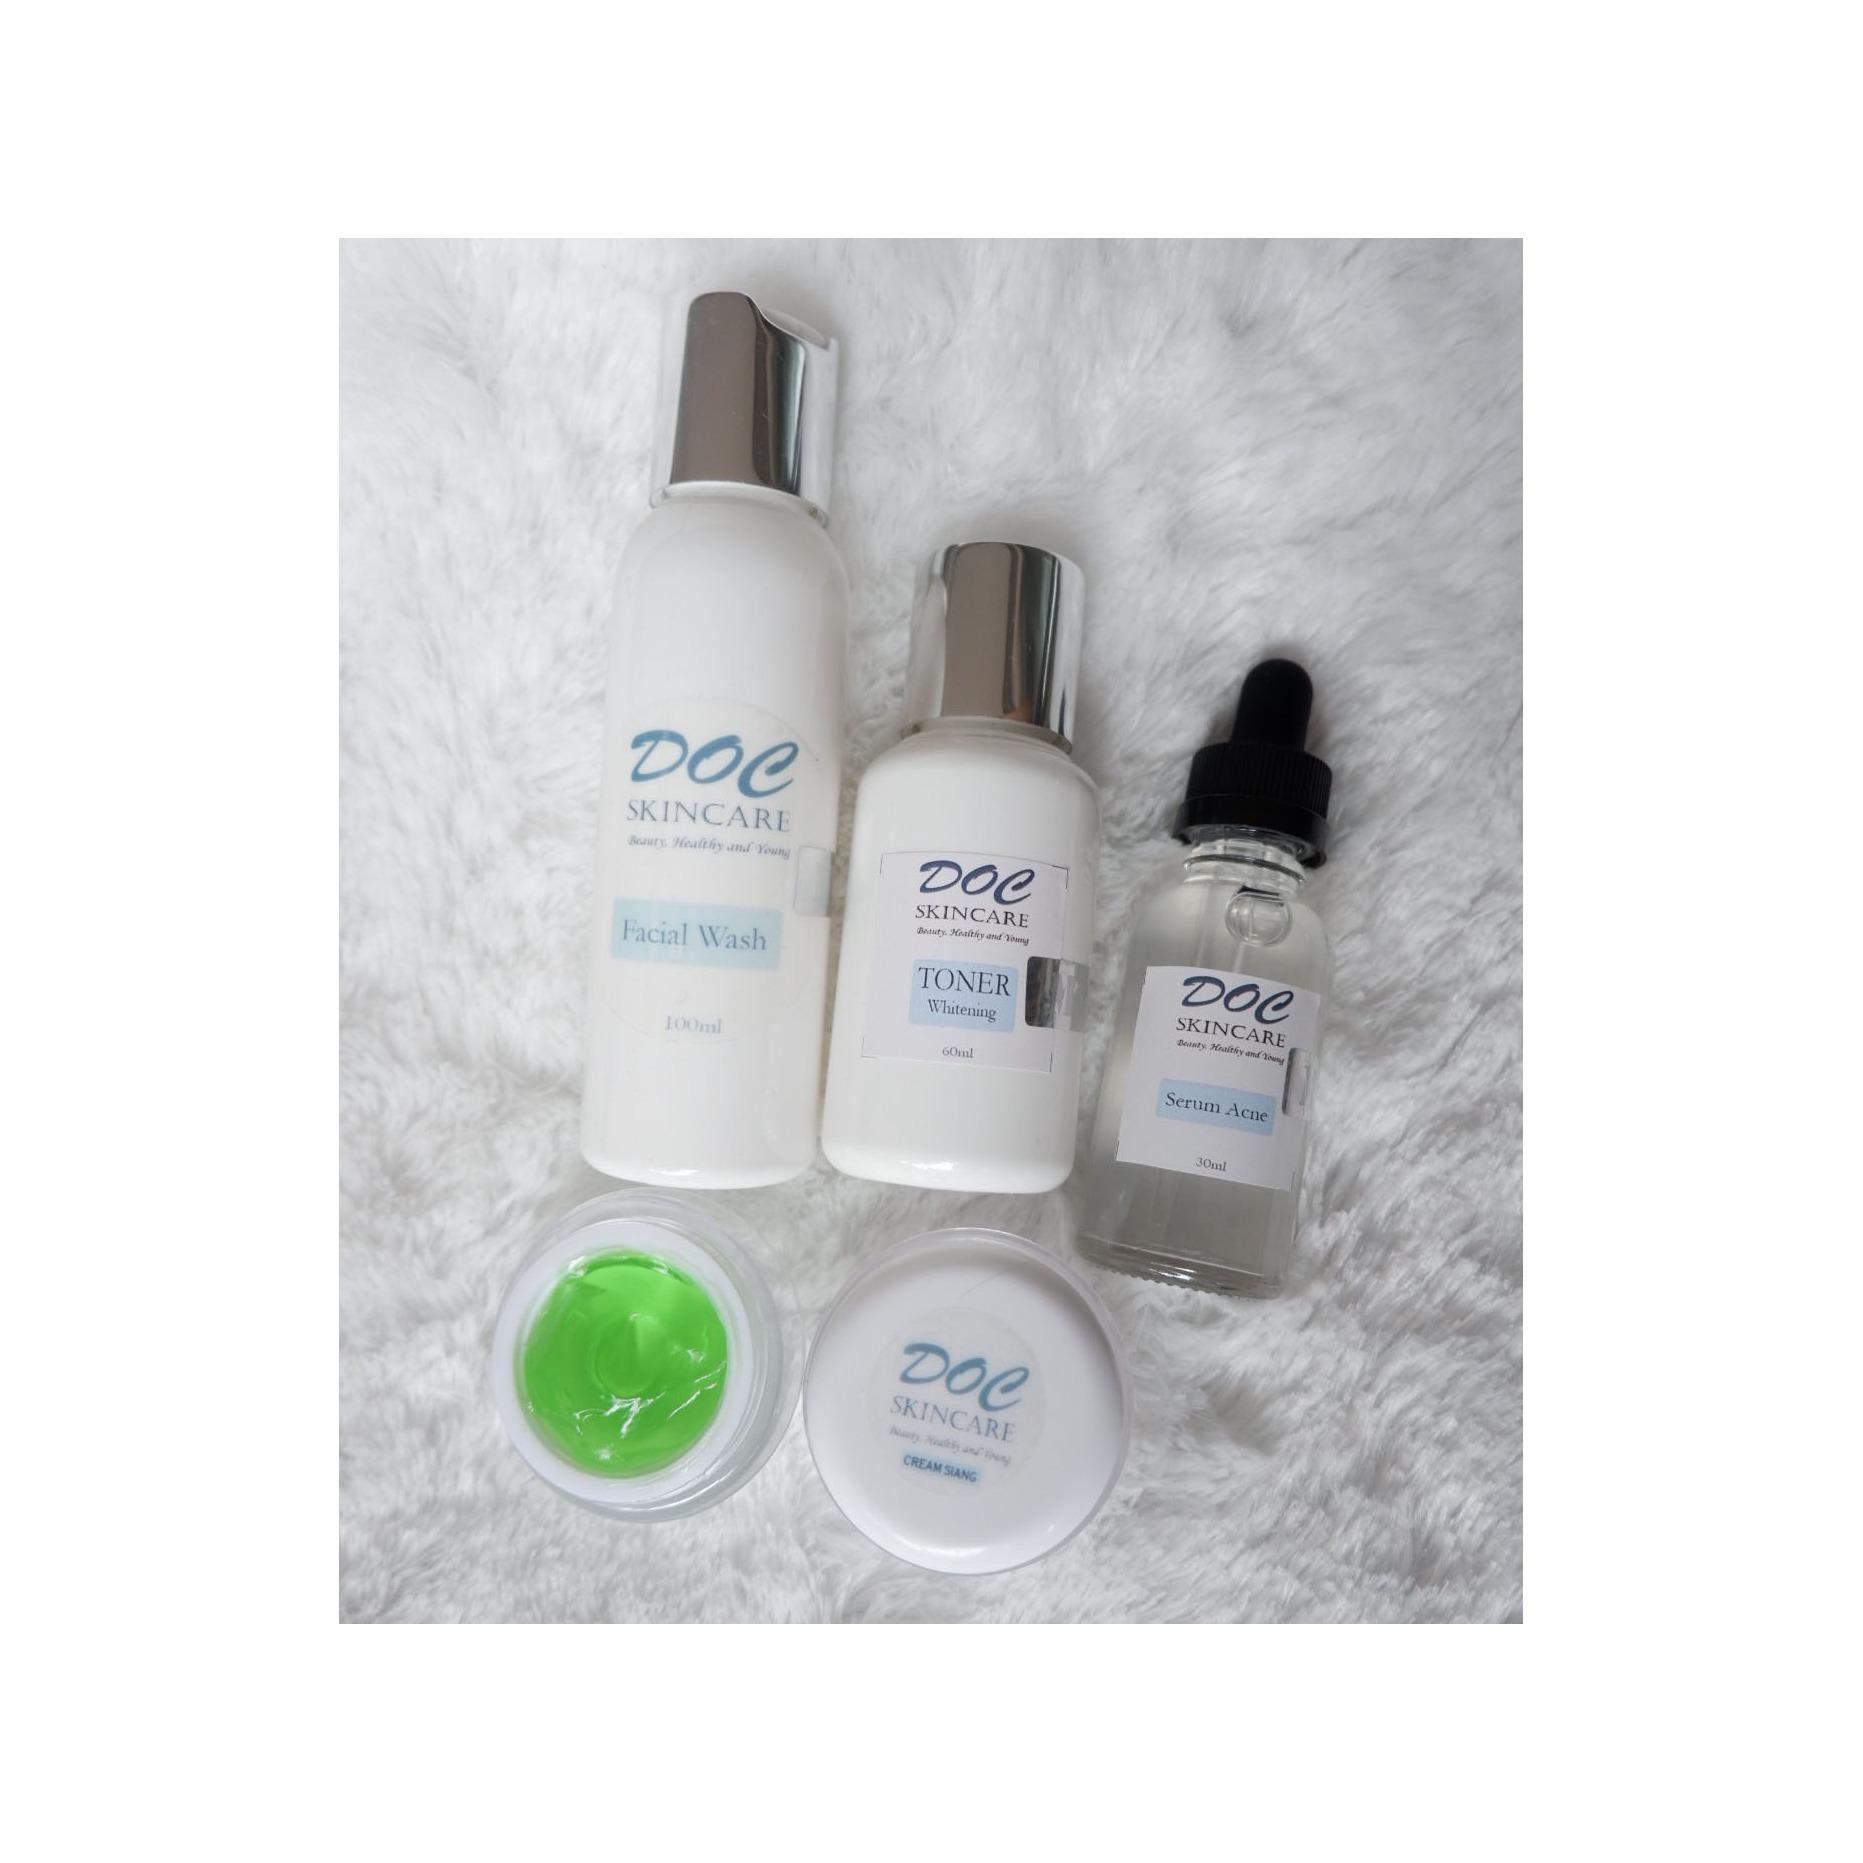 DOC SKINCARE paket perawatan wajah ACNE + serum acne wajah berjerawat